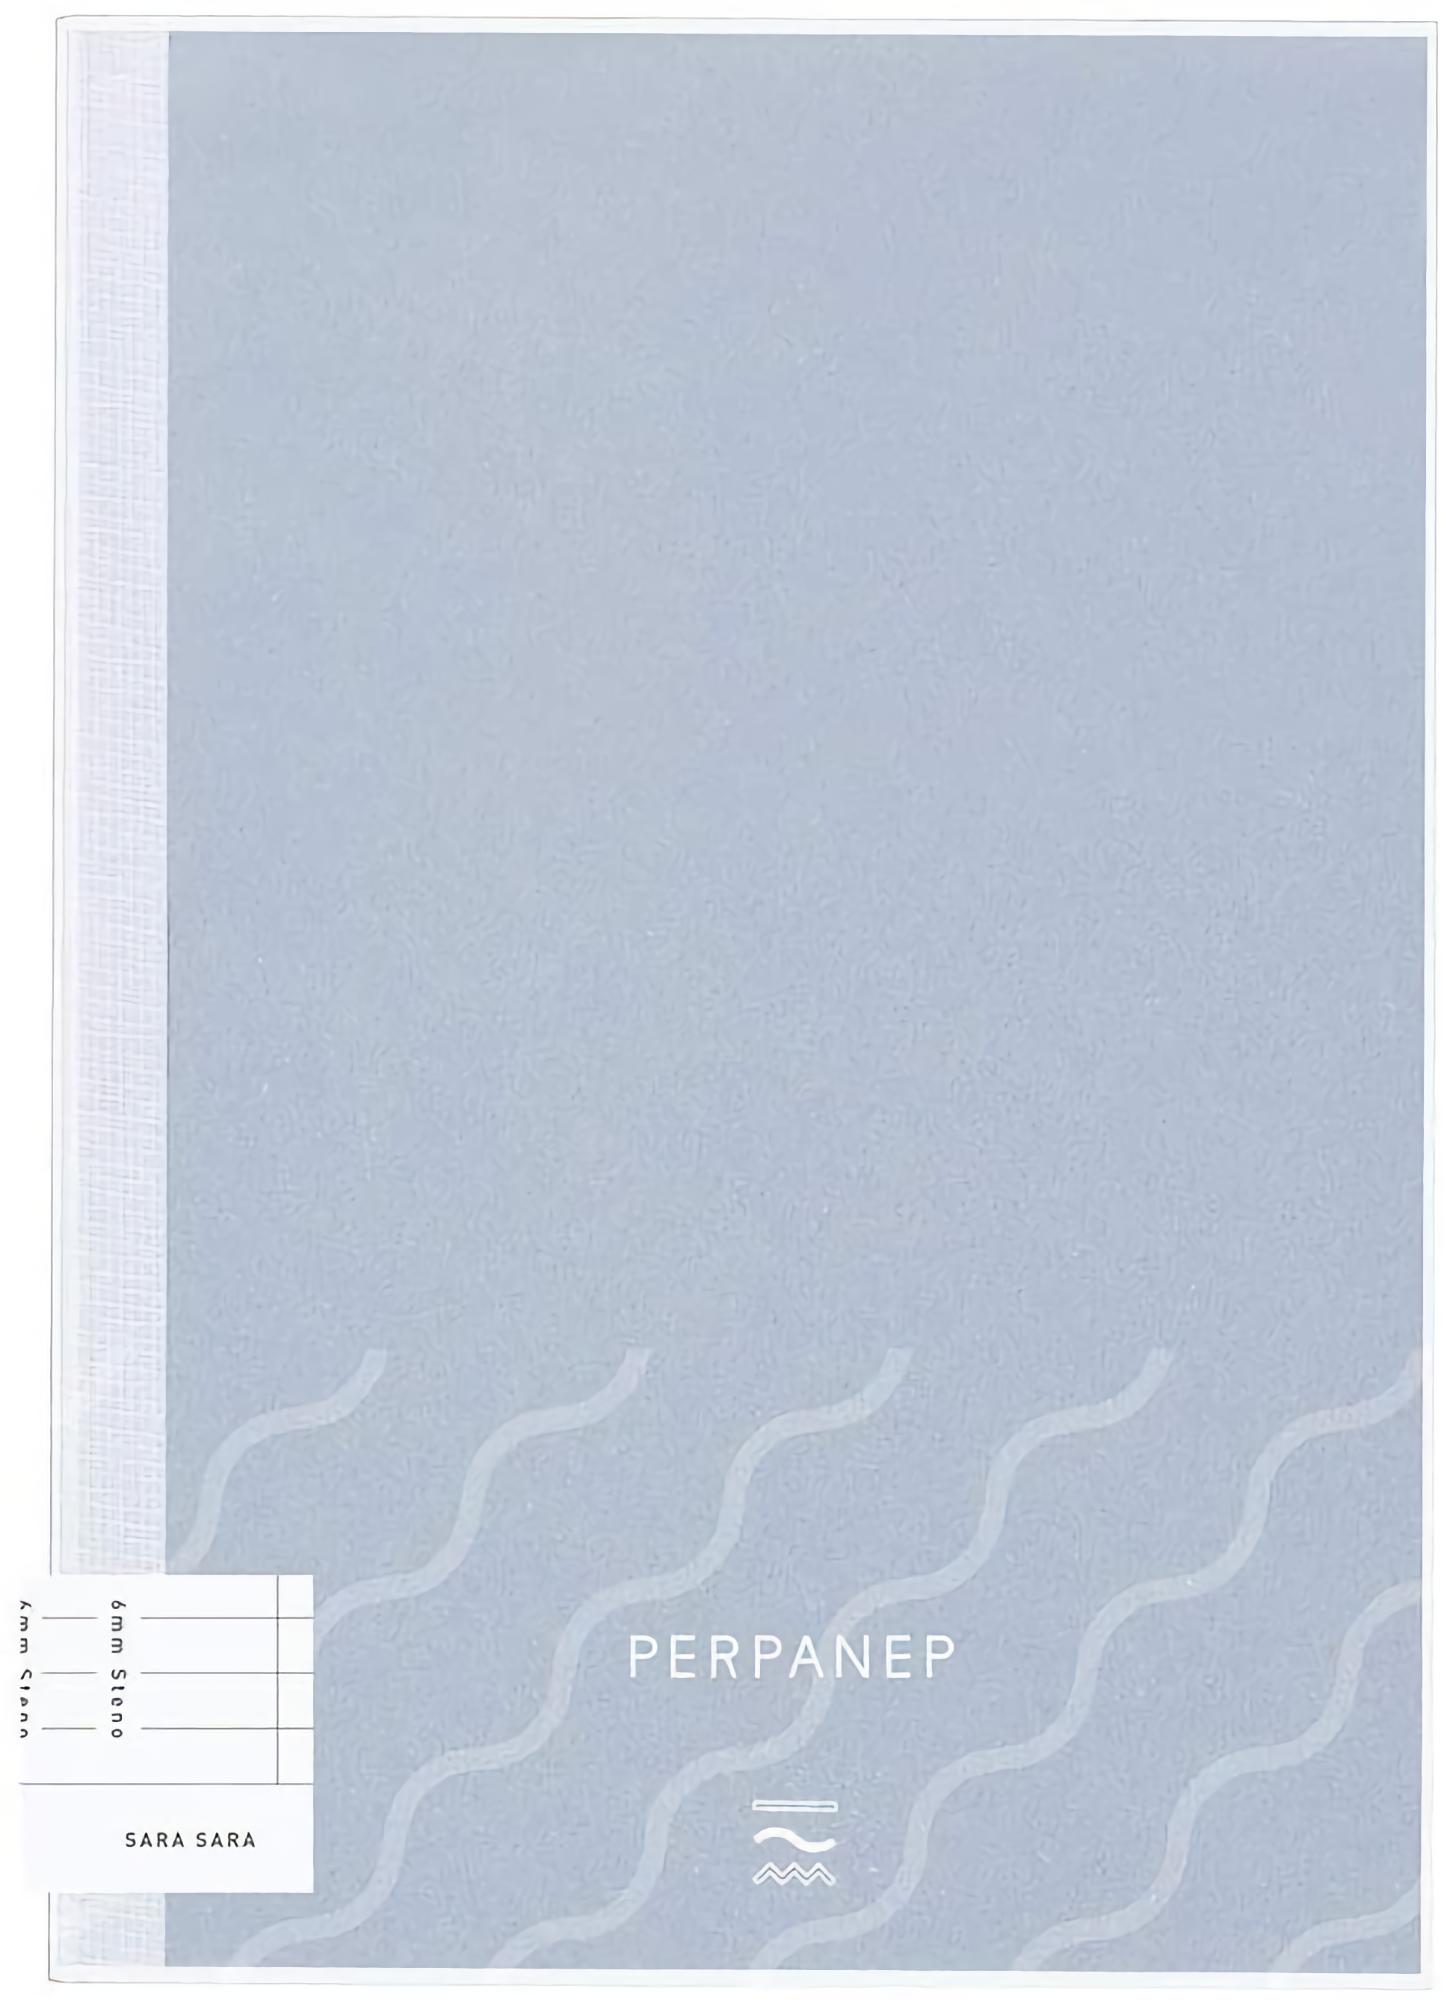 Kokuyo PERPANEP Notebook - Sara Sara A5 6 mm Steno